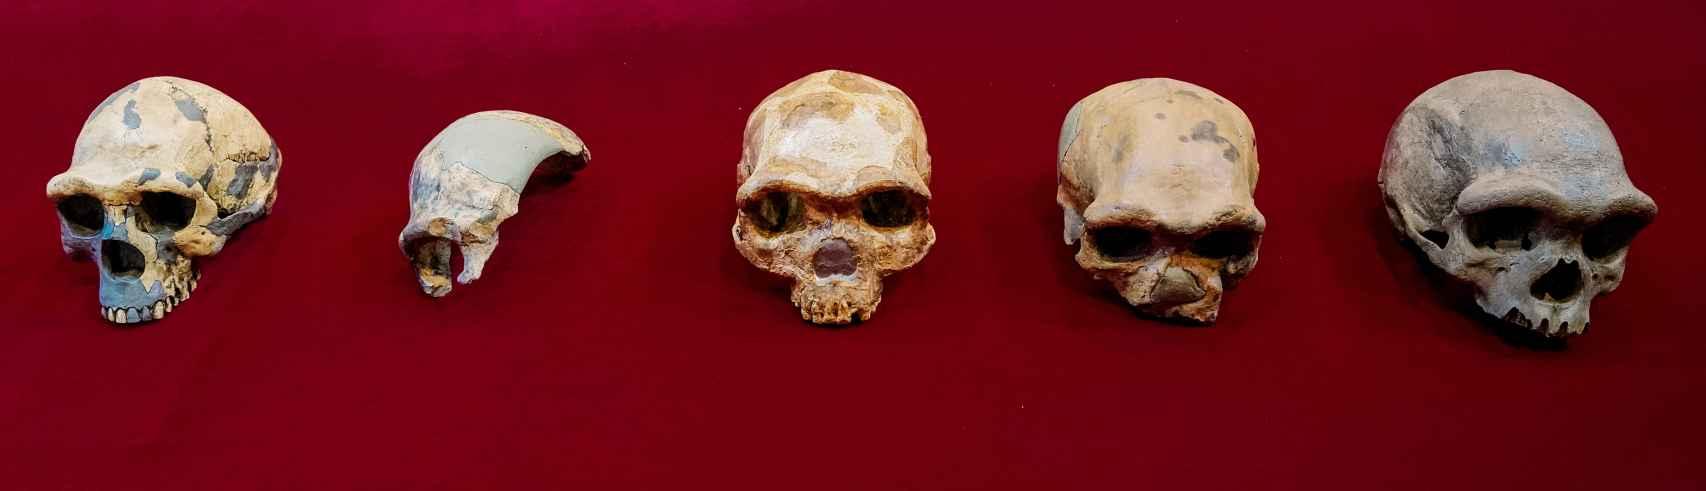 El cráneo de Harbin, en el extremo de la derecha, comparado con otros fósiles conservados en China.